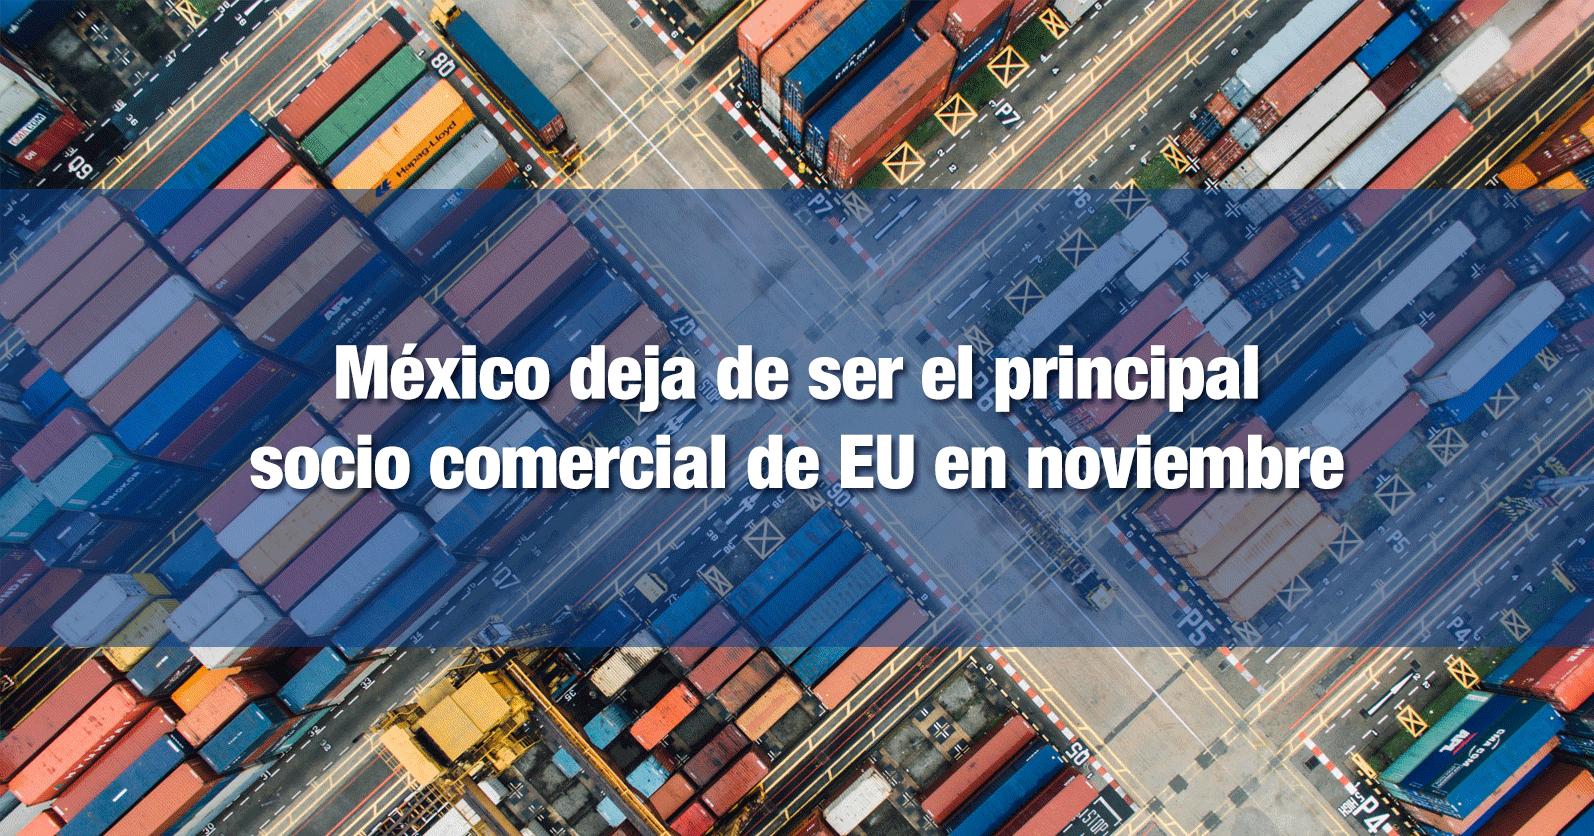 México deja de ser el principal socio comercial de EU en noviembre